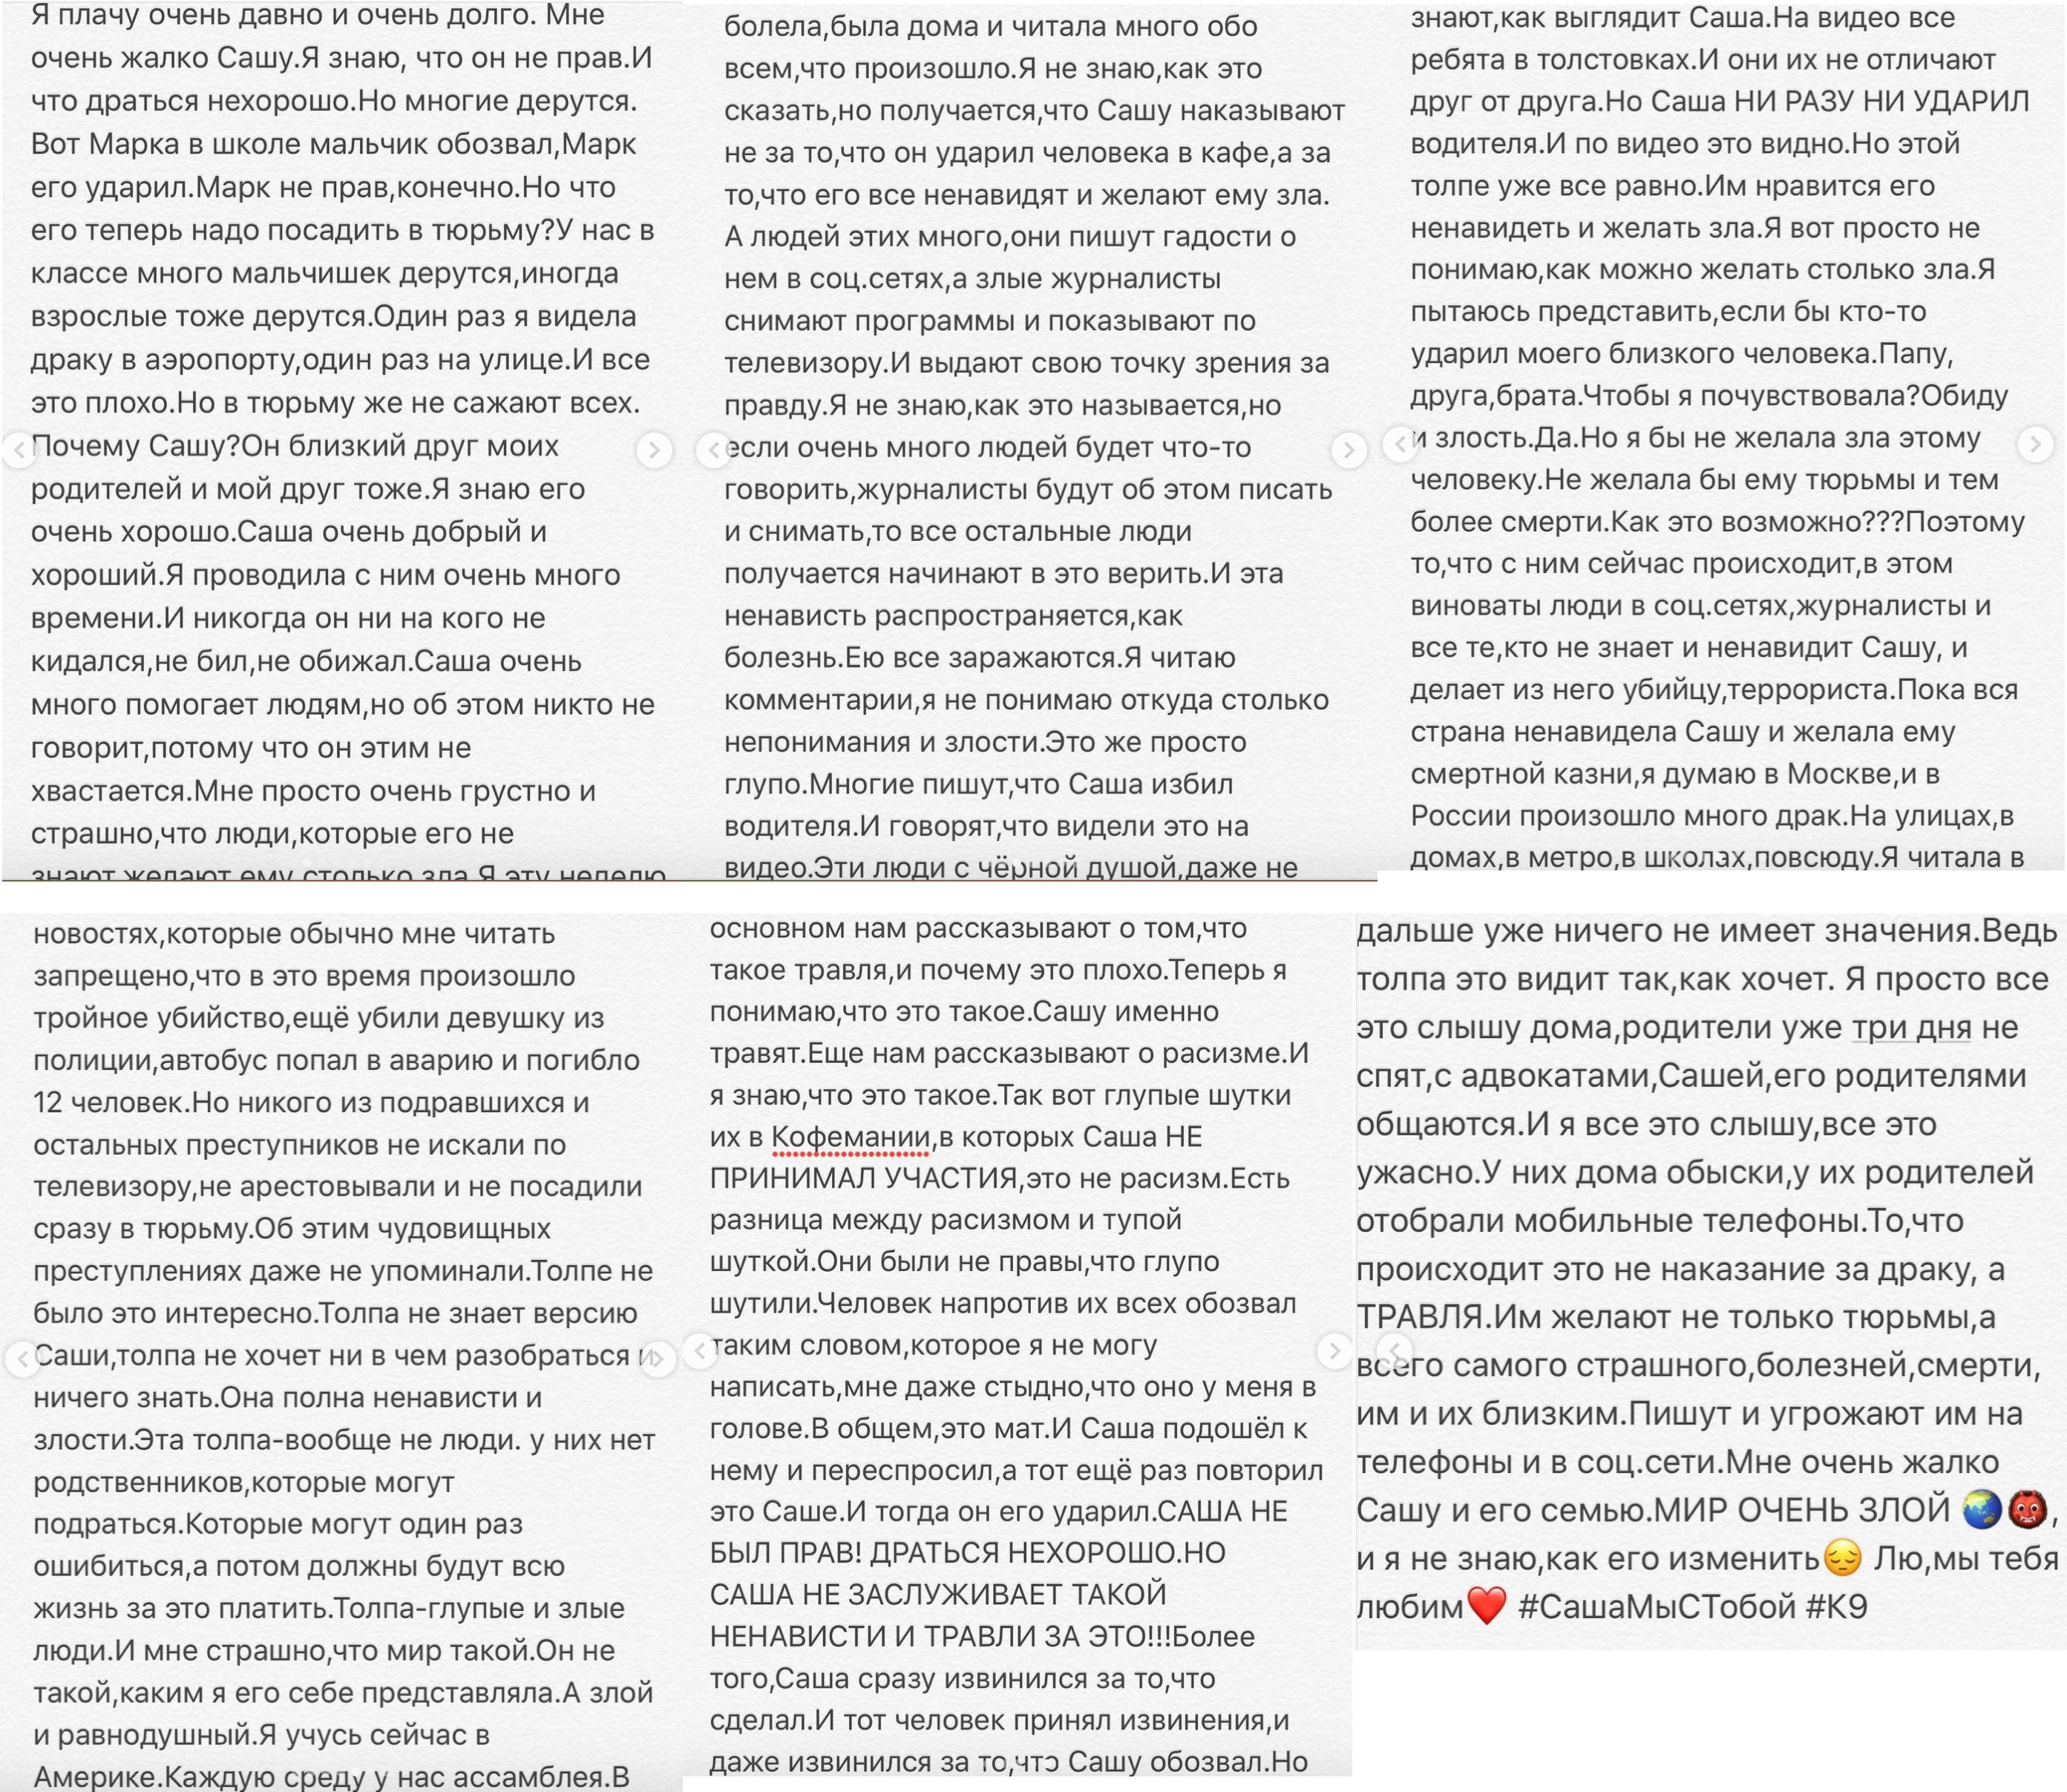 Почему Кокорина нельзя сажать? потому, нельзя, Кокорина, почему, сажать, написала, прочитать, добрый, чтобы, нужно, Кокорин, мажоров, очень, связи, Америке, расизм, мнению, освободить, напрягают, адвокатов